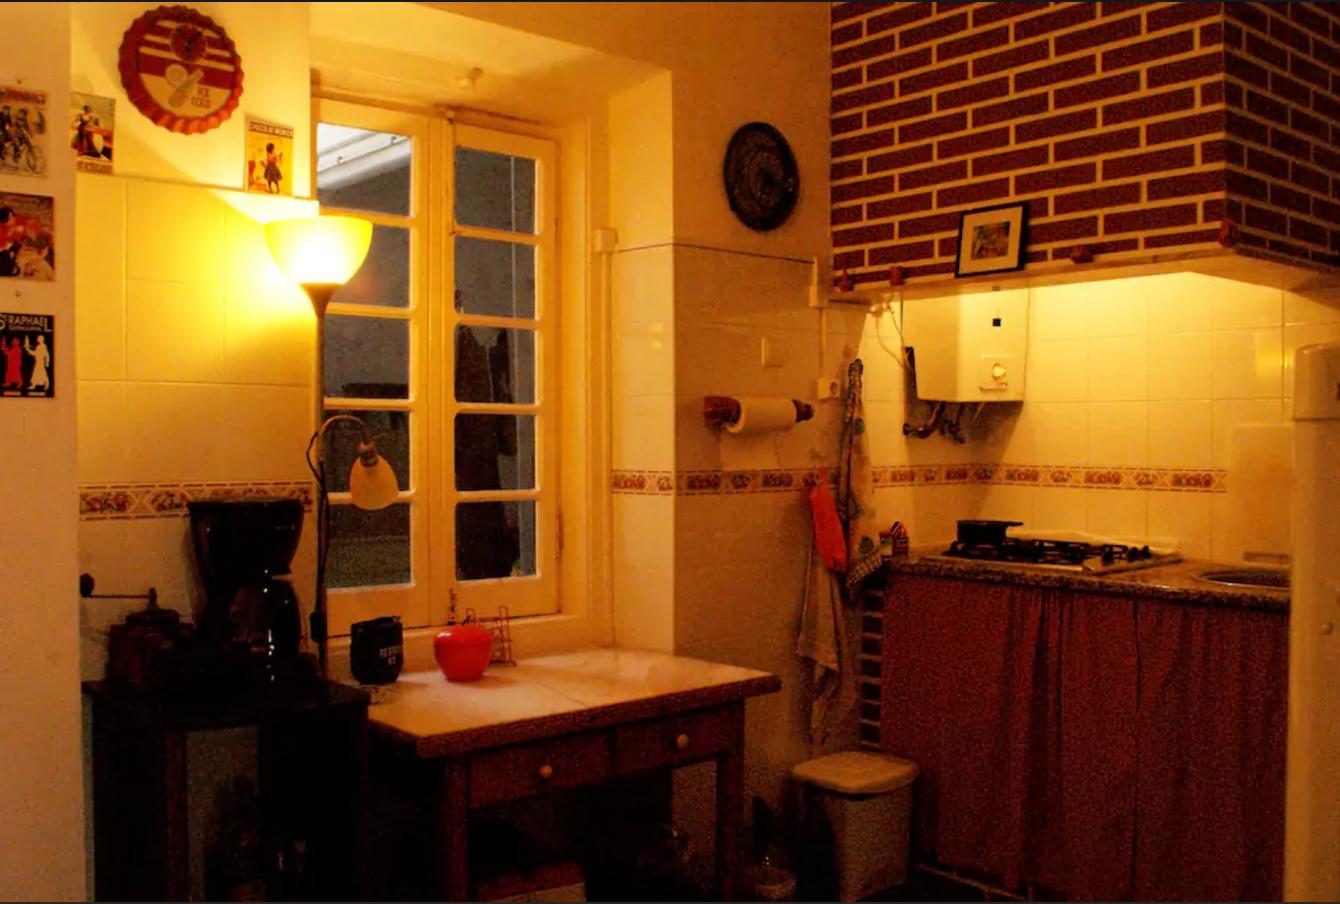 location-airbnb-peniche-portugal